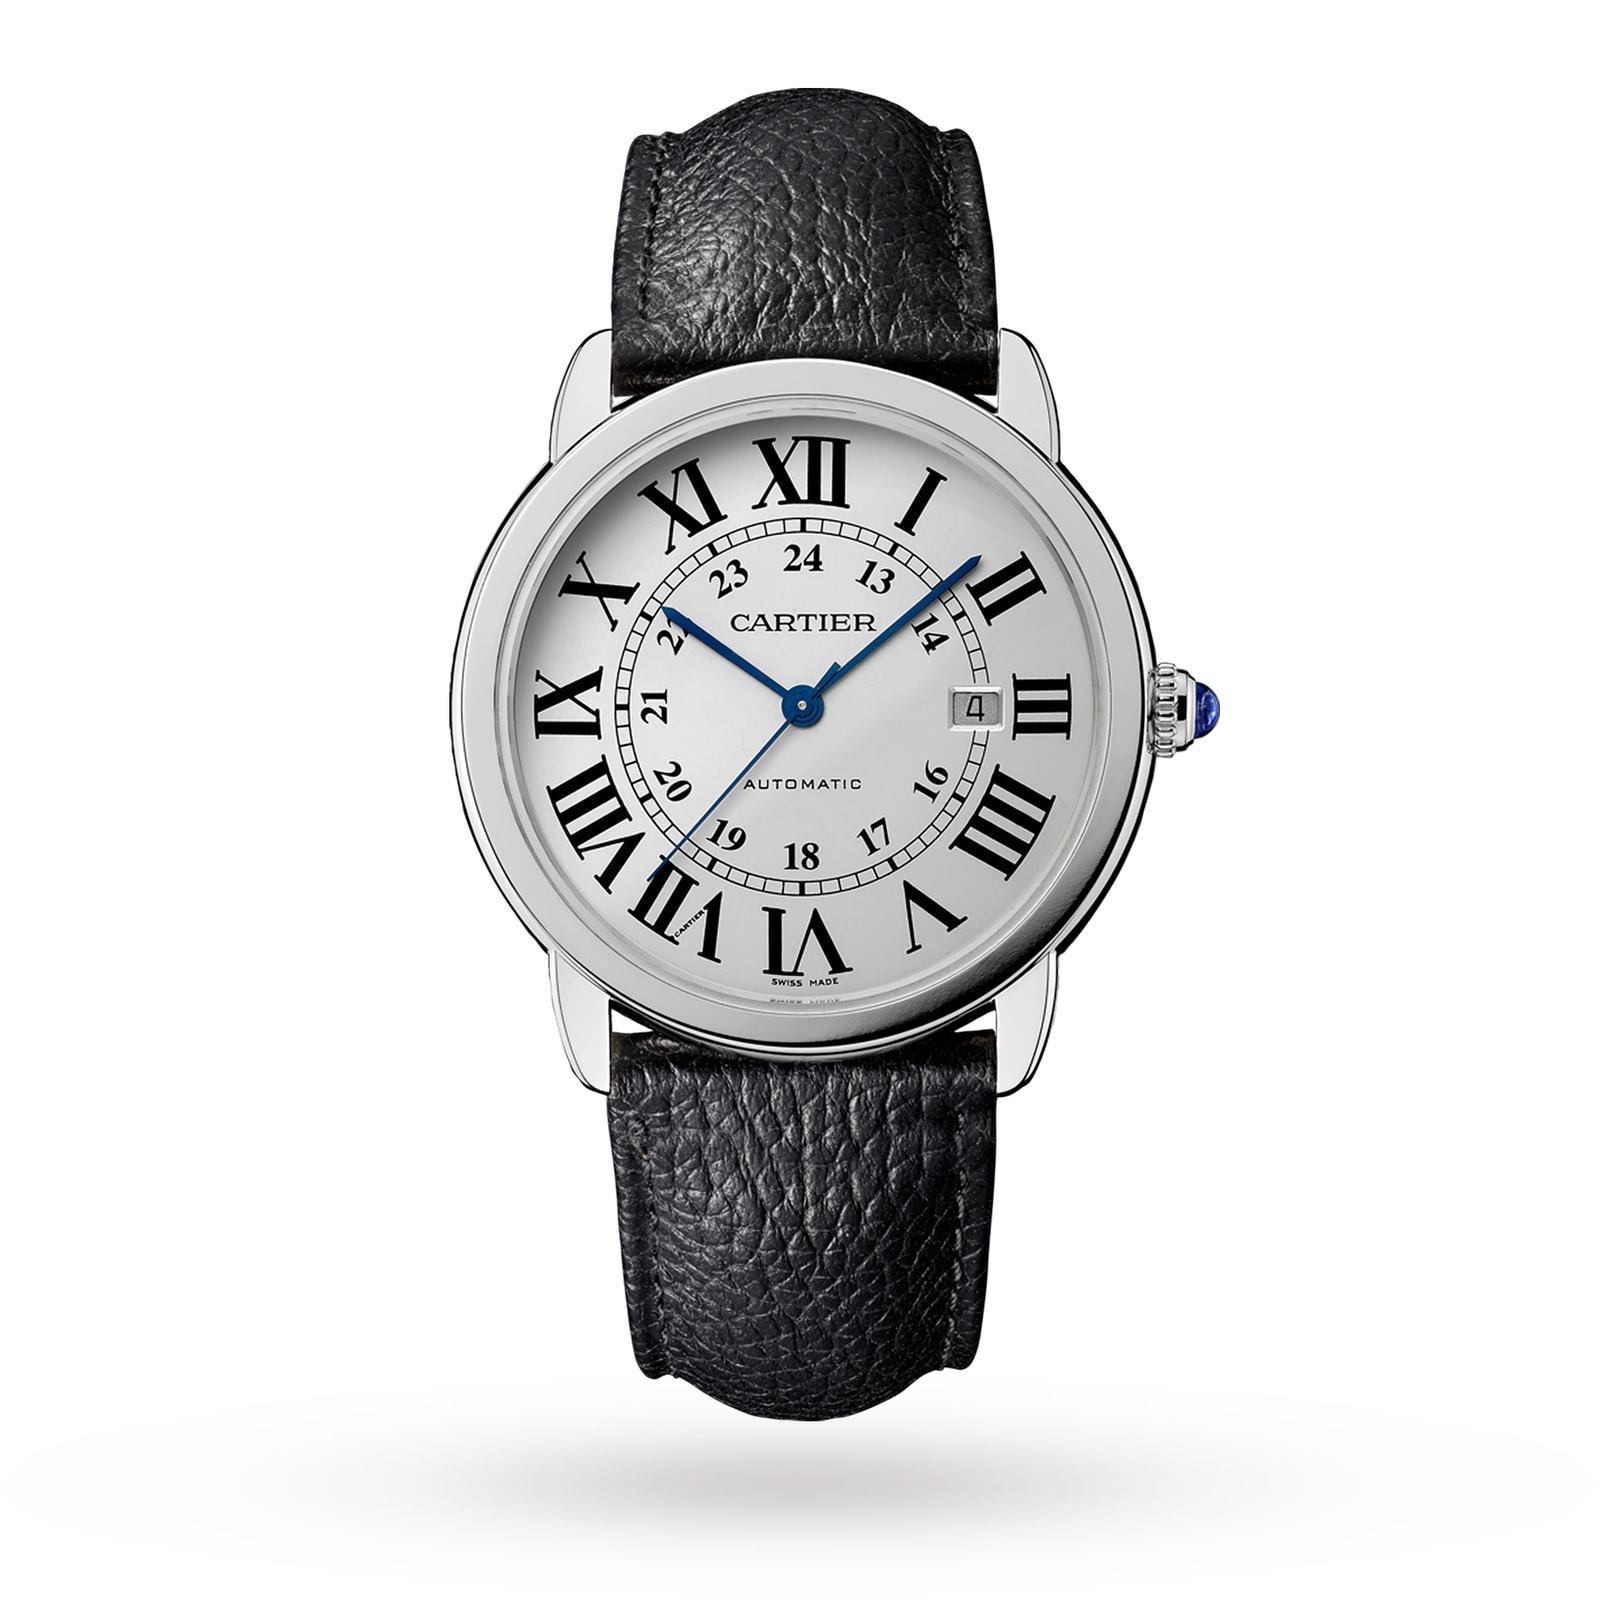 Cartier Montre Ronde Solo de Cartier, 42mm, steel, leather